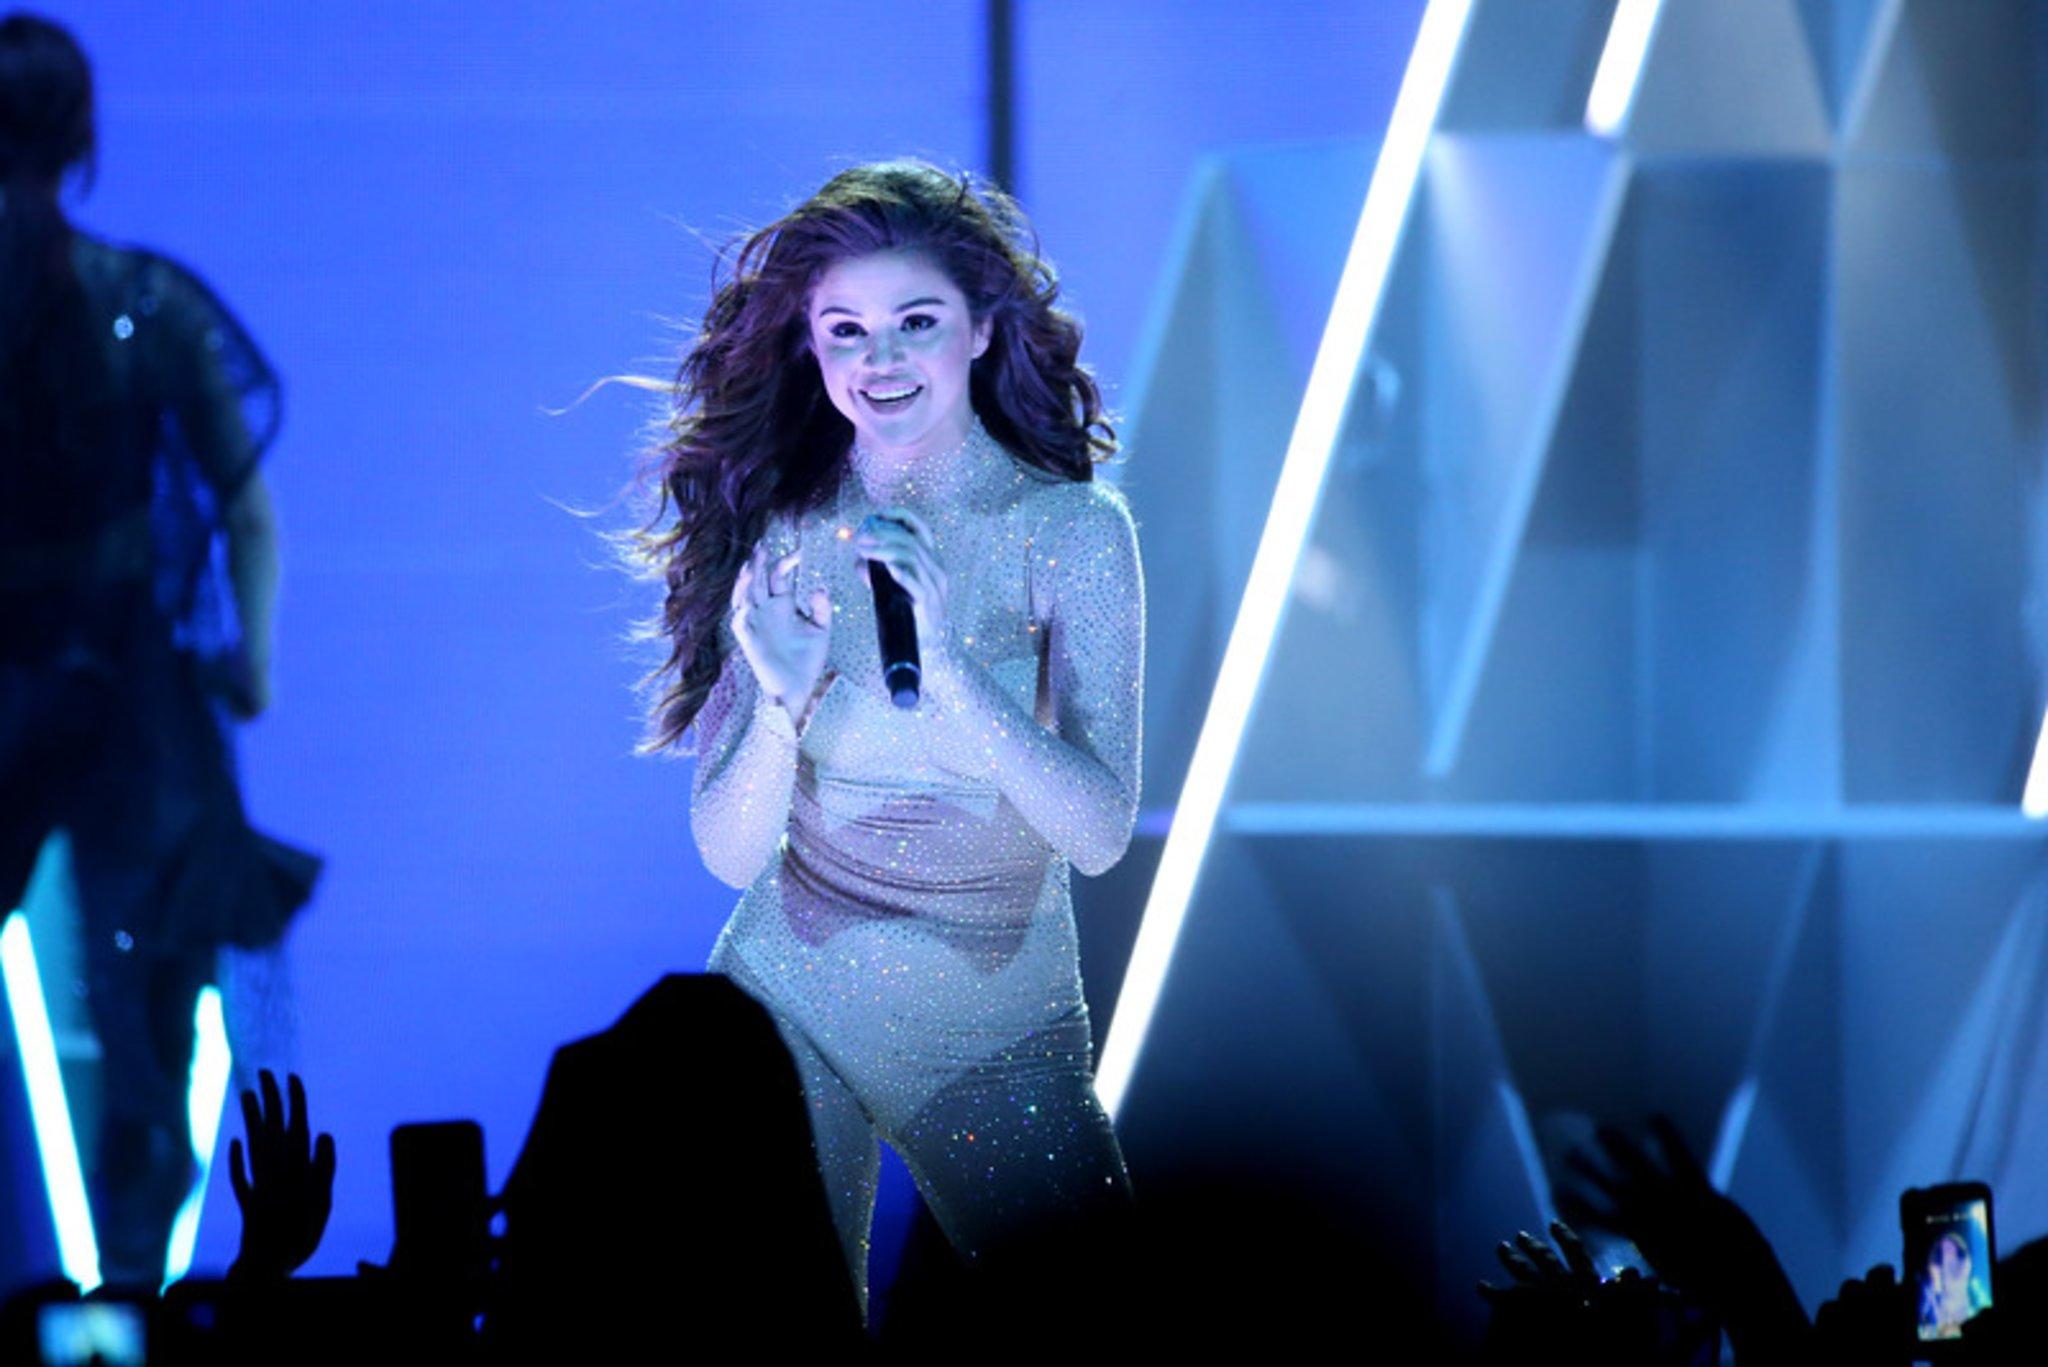 Selena Gomez Tour 2020 Dates Finally back: Selena Gomez's new album is ready and the tour